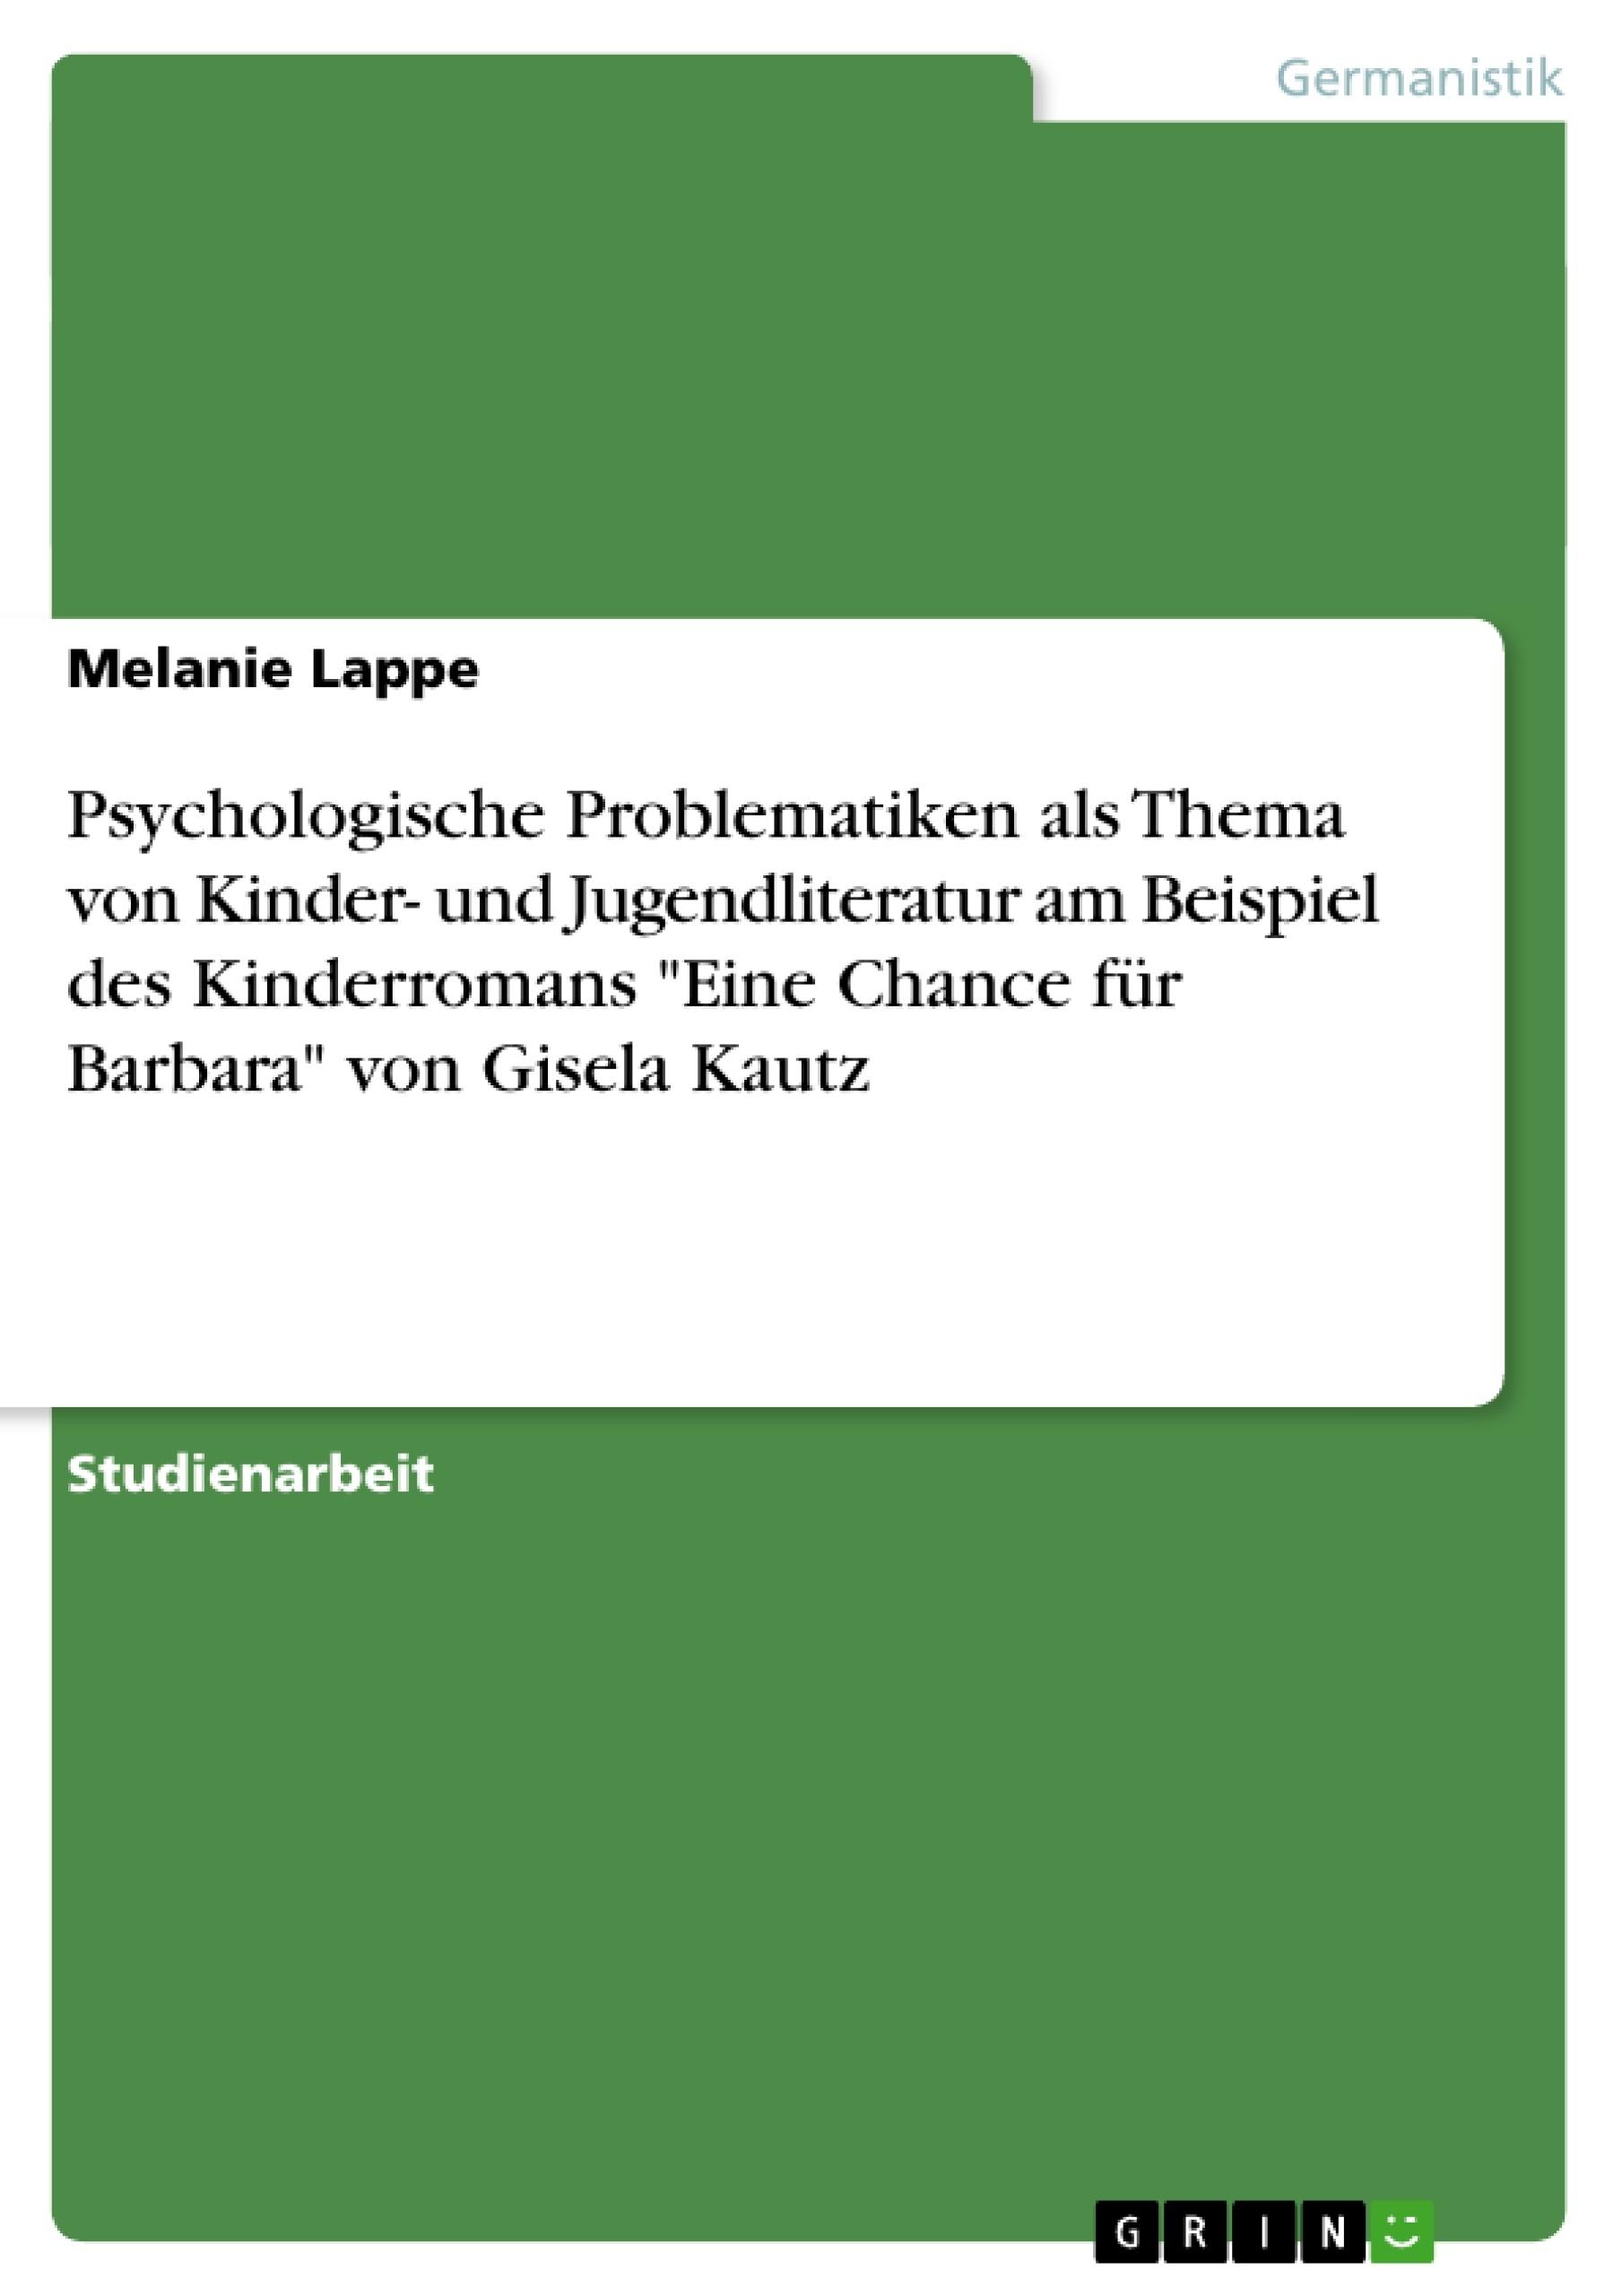 """Titel: Psychologische Problematiken als Thema von Kinder- und Jugendliteratur am Beispiel des Kinderromans """"Eine Chance für Barbara"""" von Gisela Kautz"""